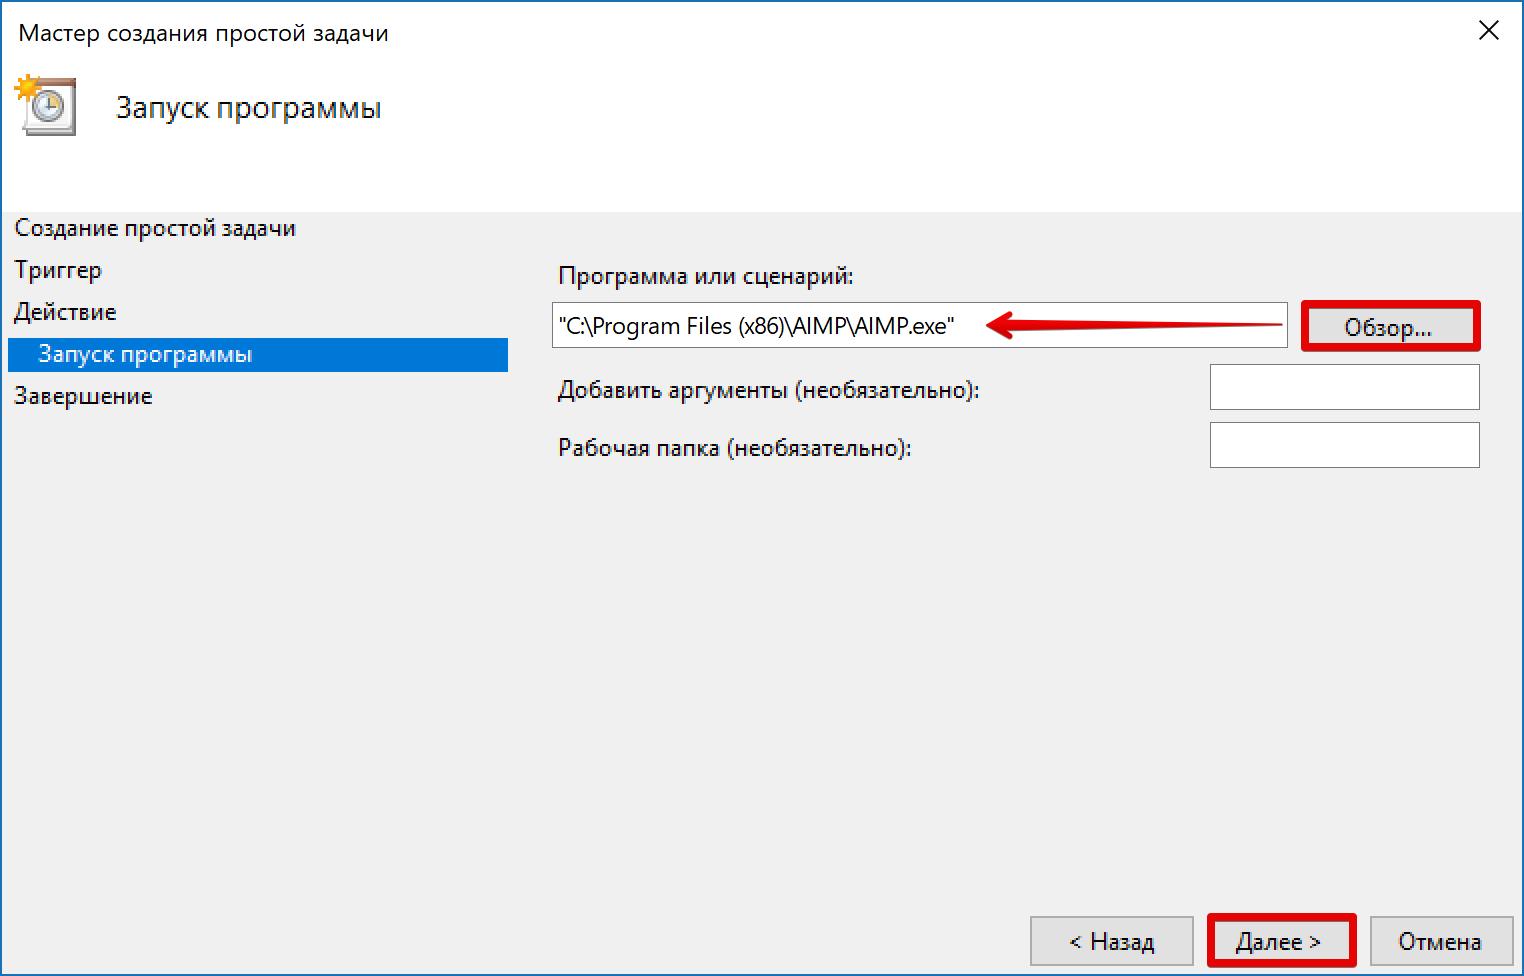 nastrojka-avtozapuska-programm-v-windows-image20.png